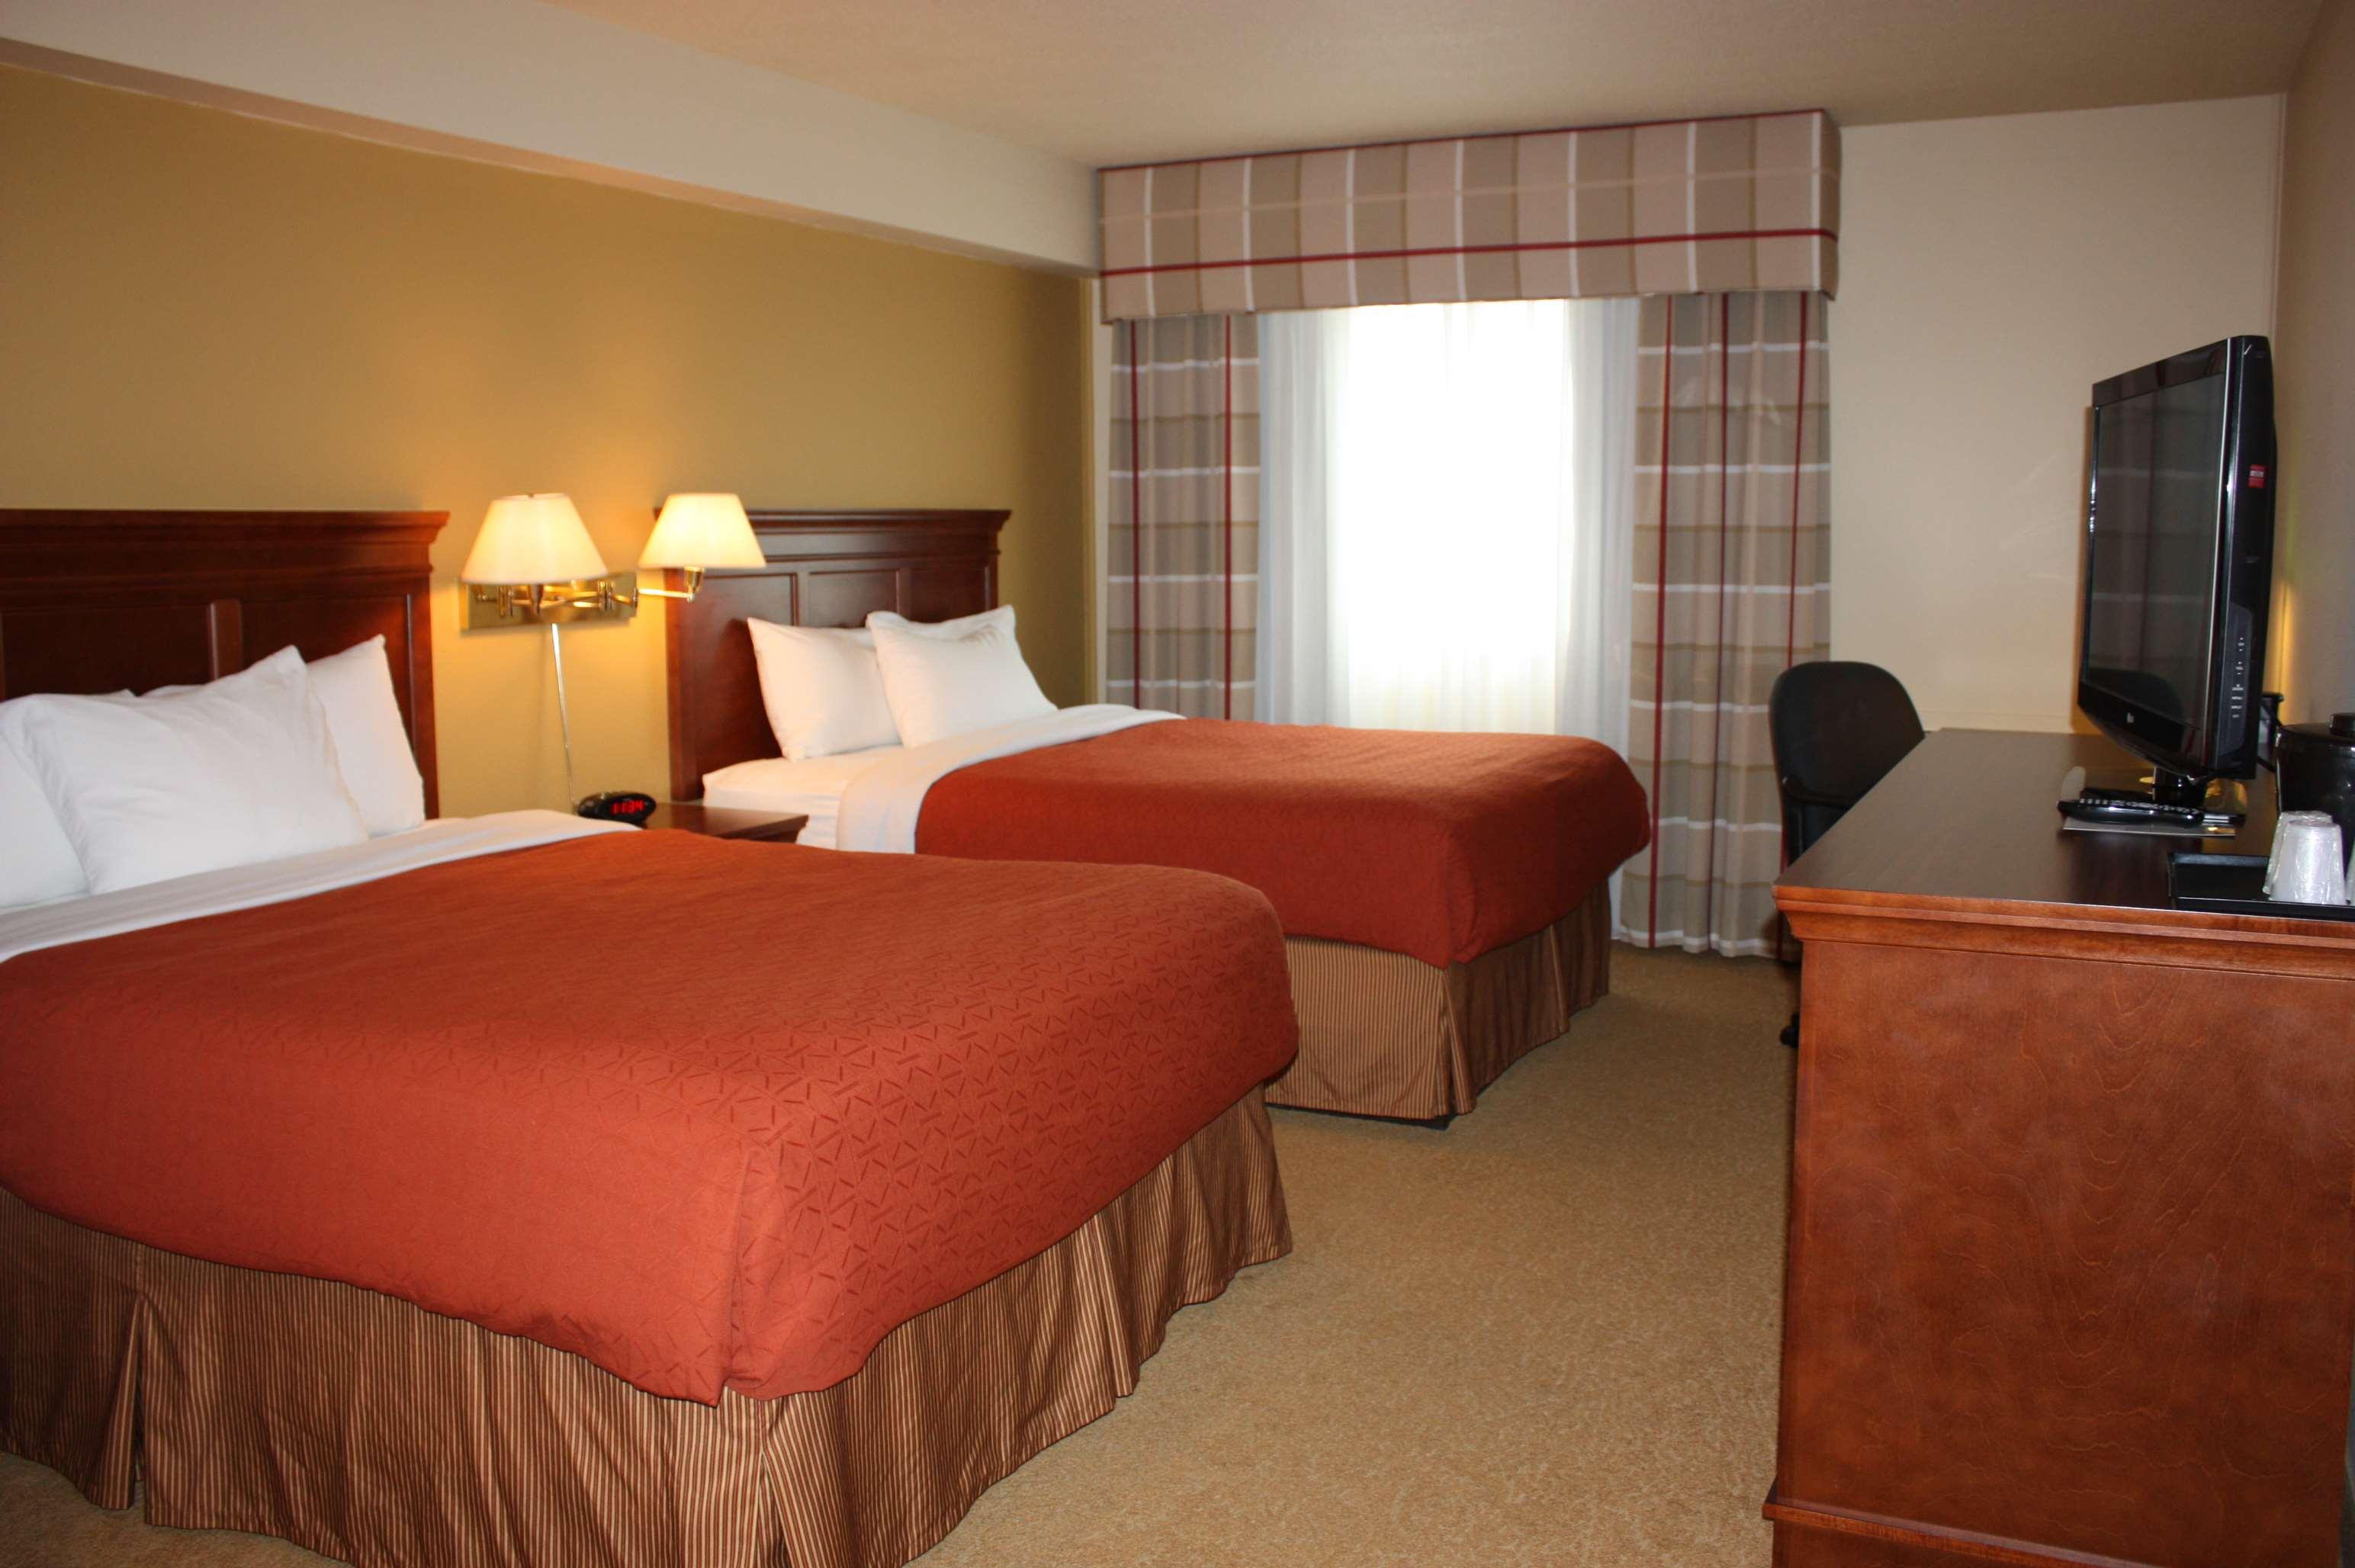 Country Inn & Suites by Radisson, Regina, SK in Regina: 2 Queen Beds